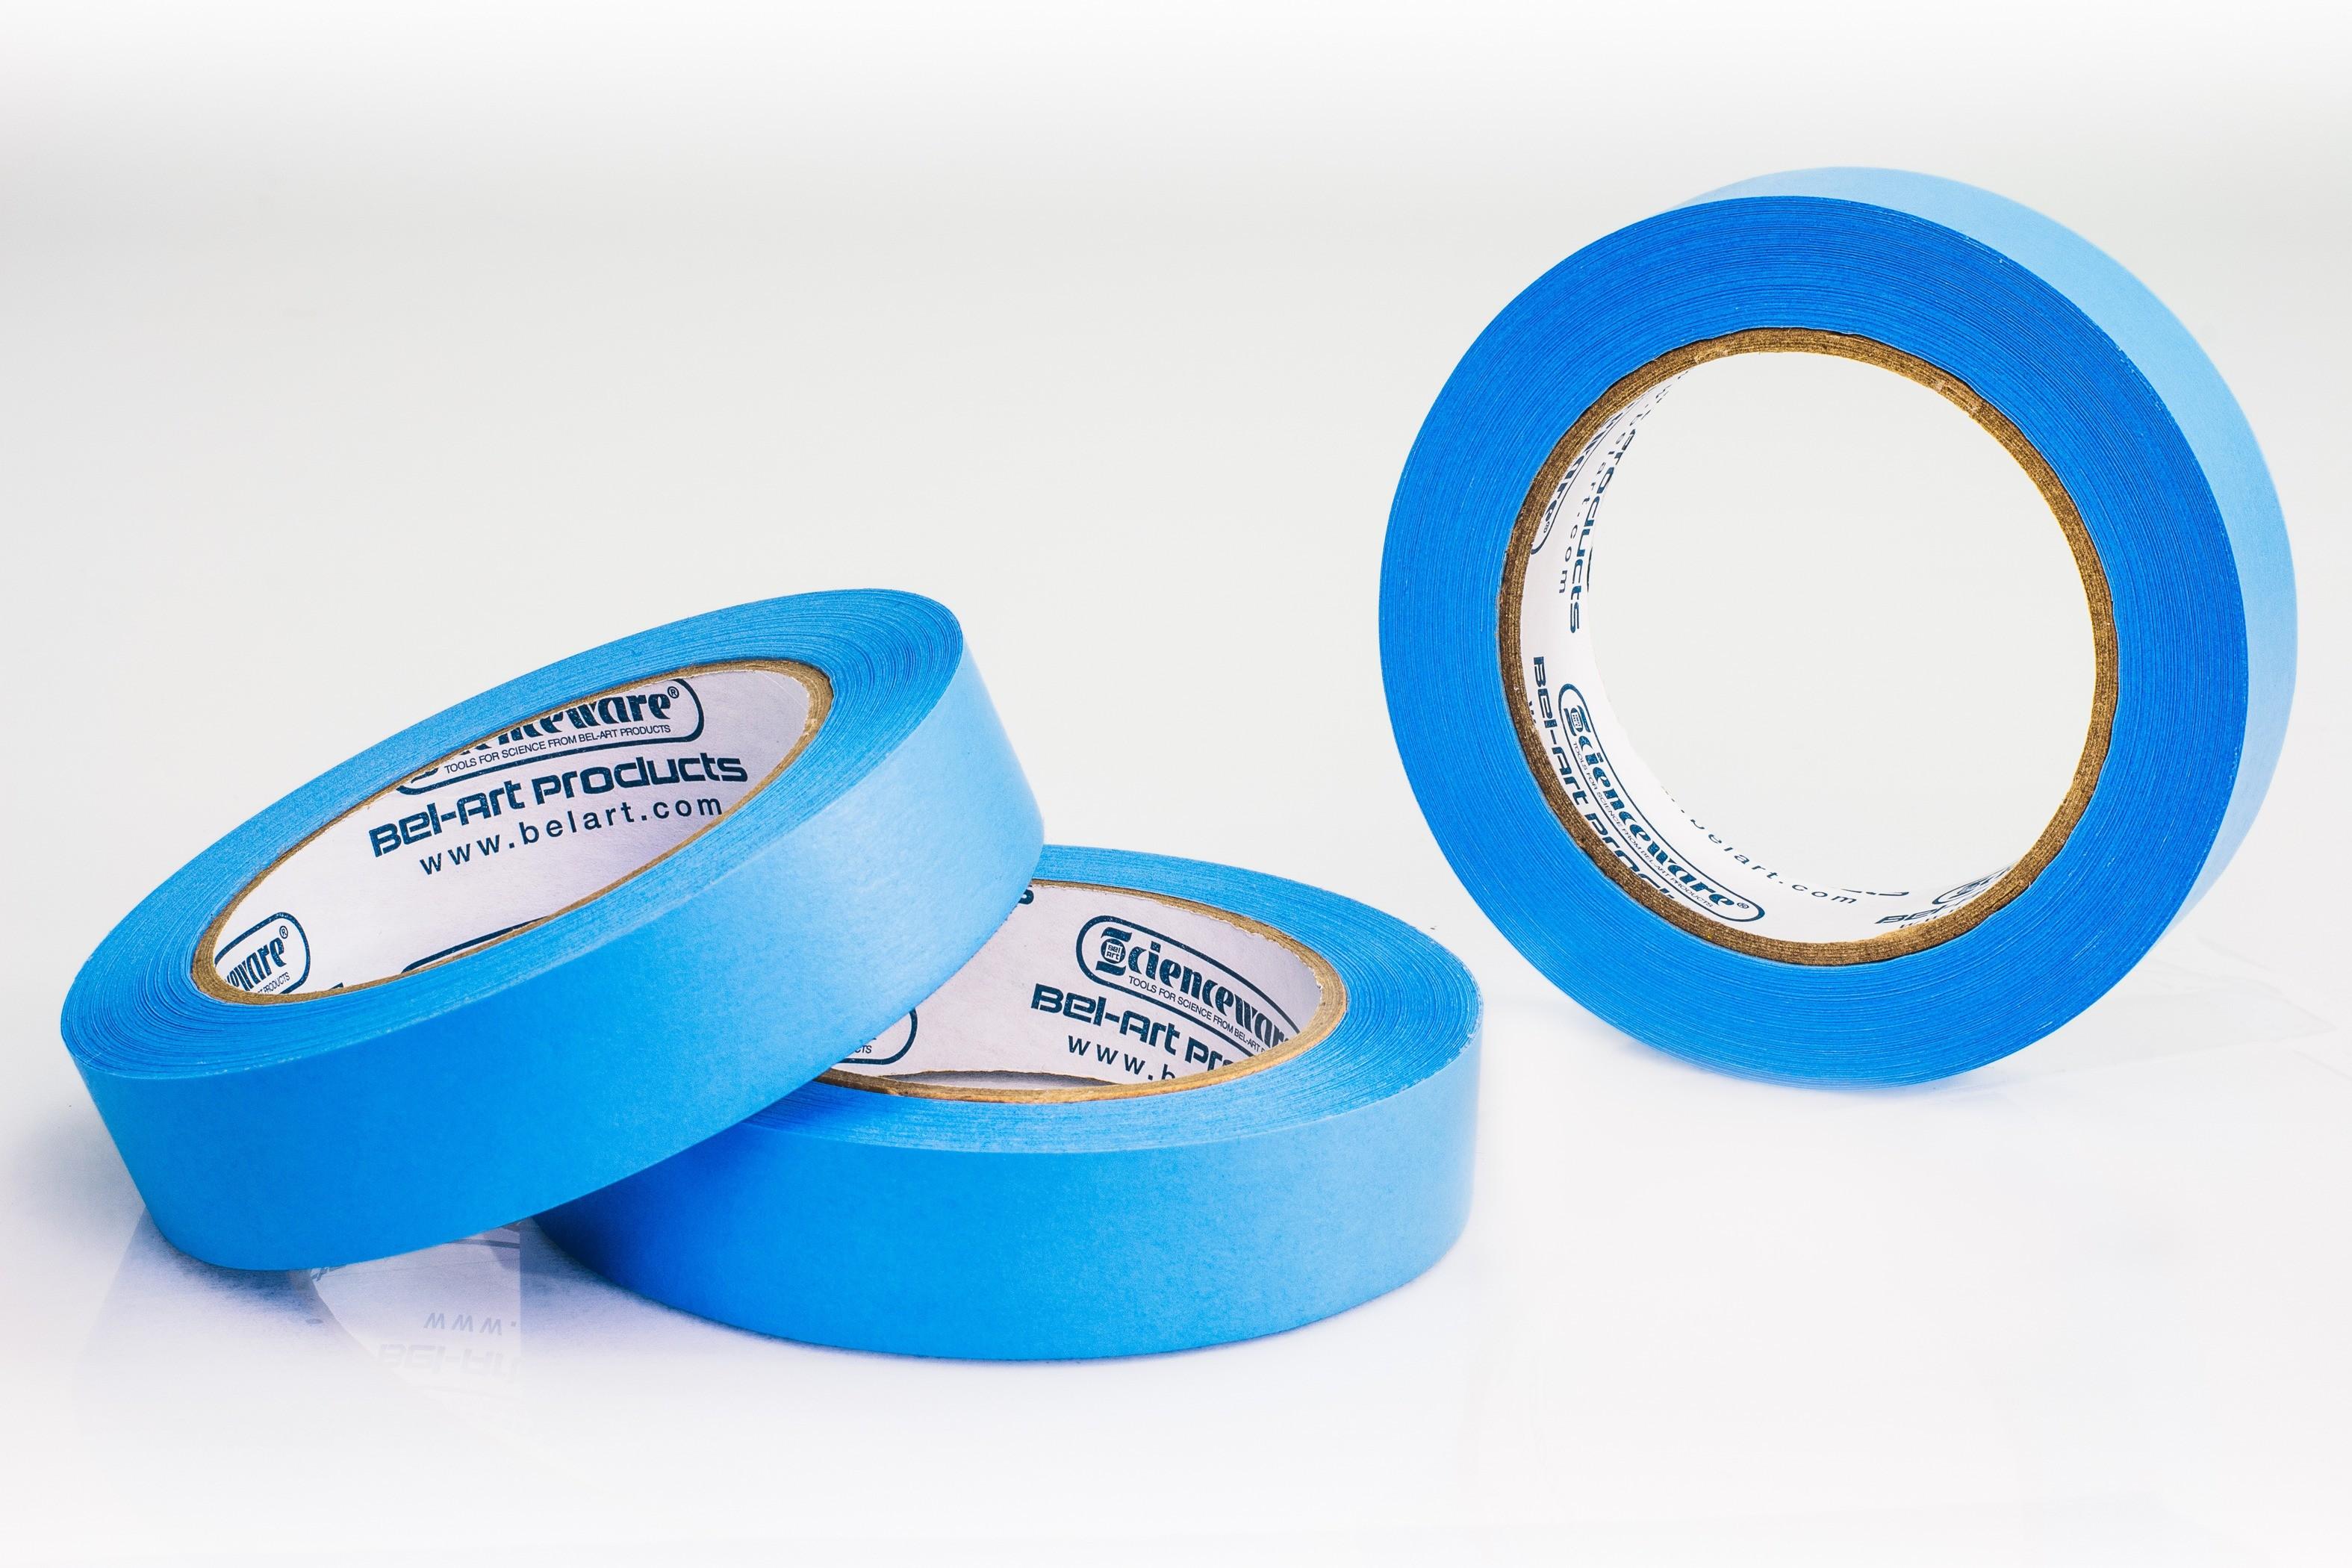 SP Bel-Art Write-On Blue Label Tape; 40yd Length, 1 in. Width, 3 in. Core (Pack of 3)